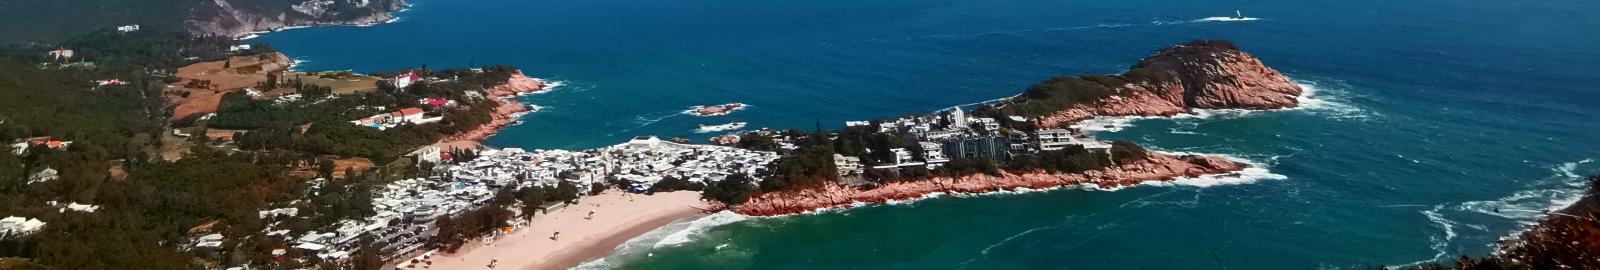 Shek O Beach from Above